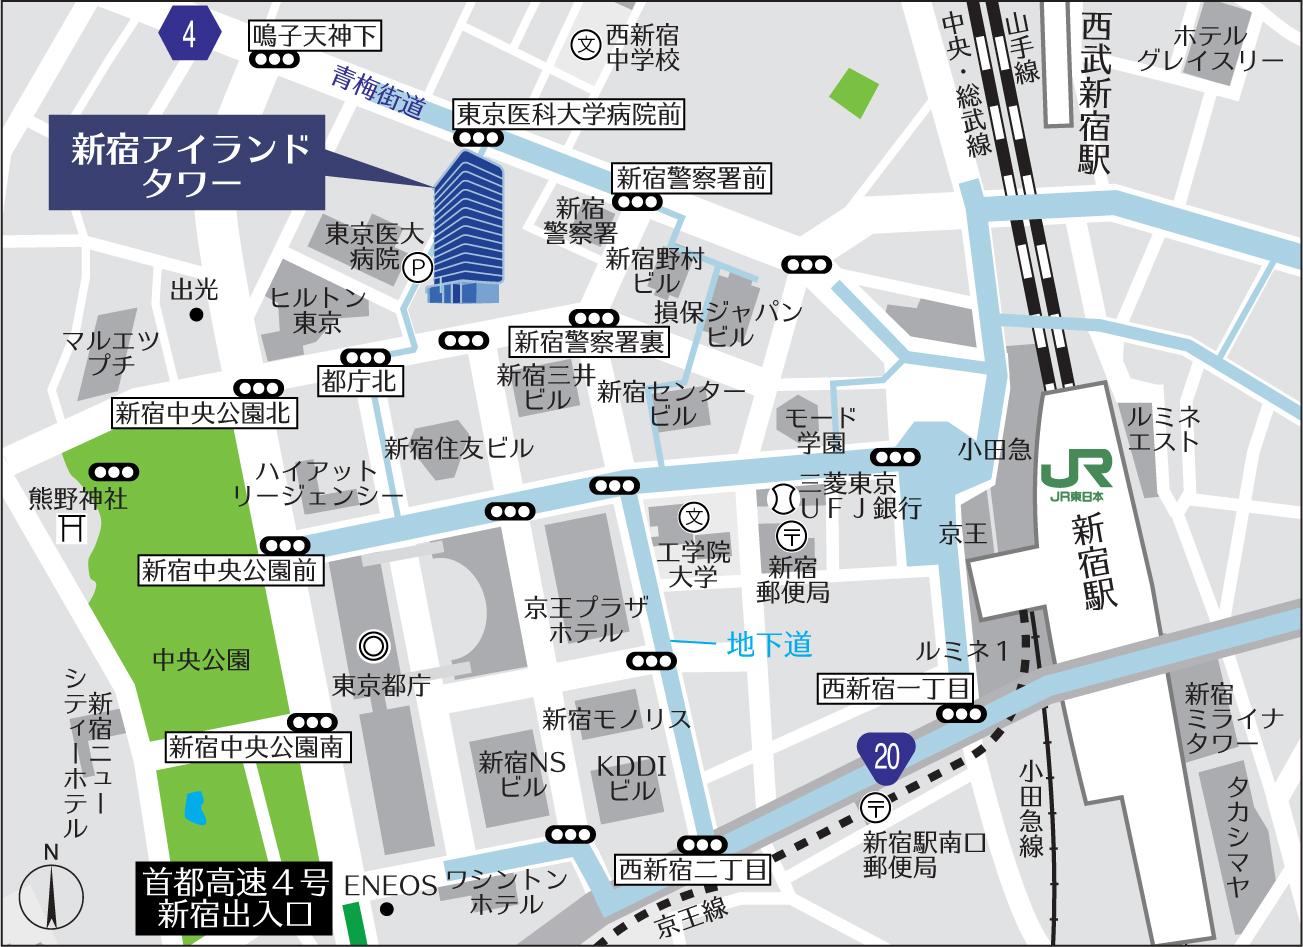 事務所マップ 高速図